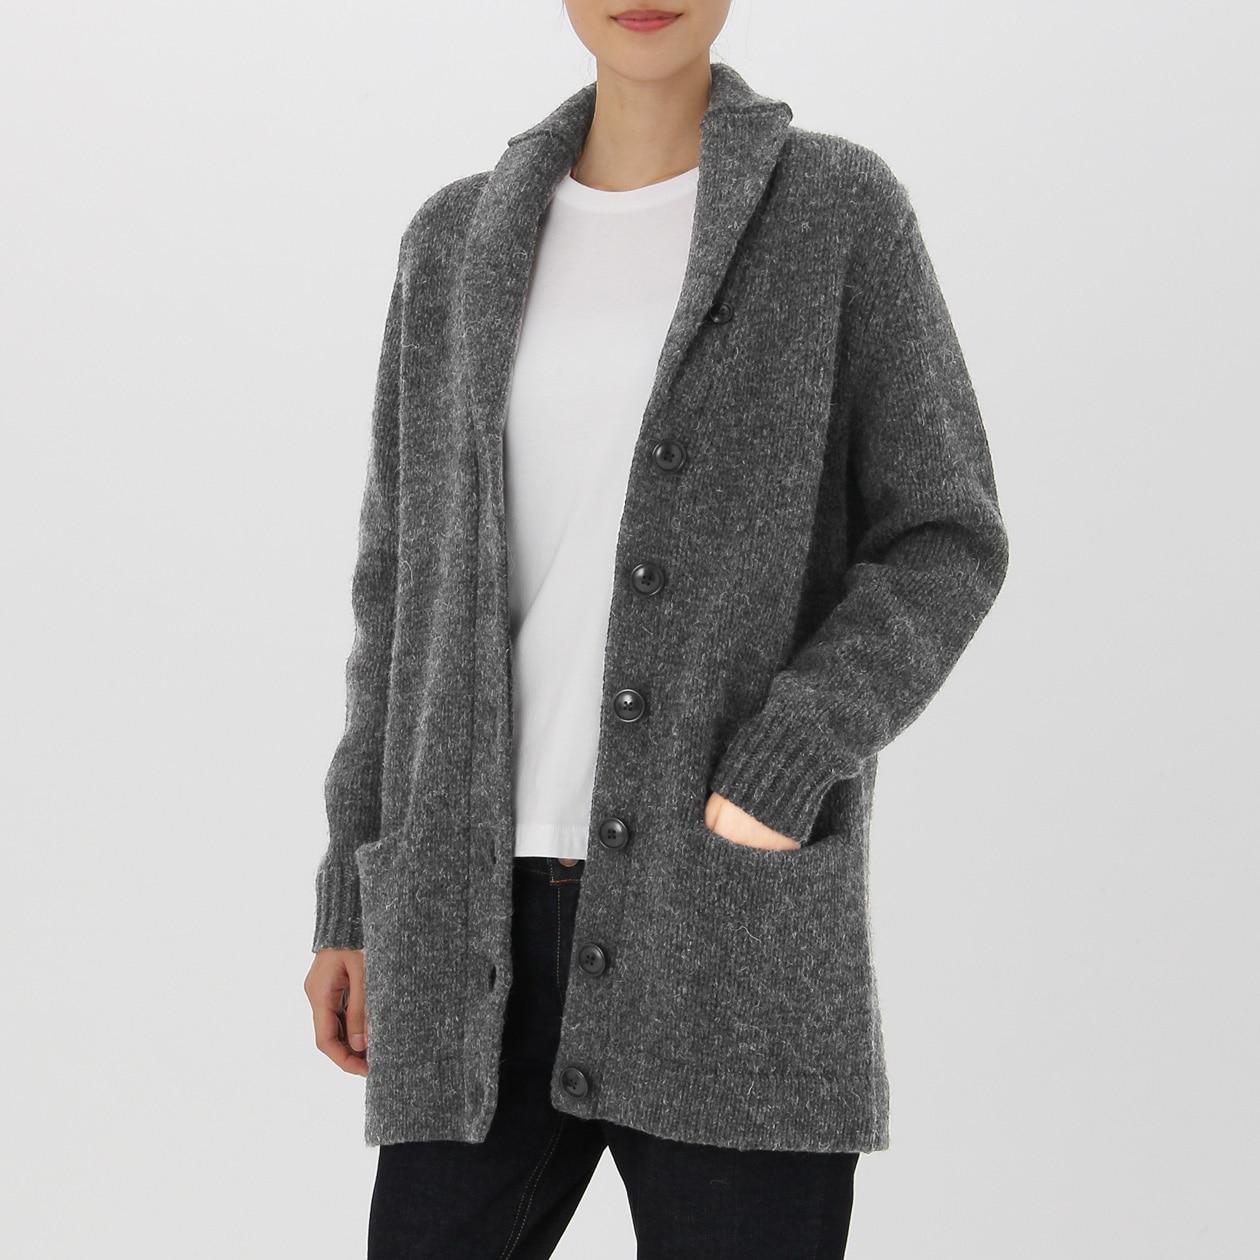 女美麗諾羊毛混粗毛絲瓜領開襟衫 灰色S | 無印良品